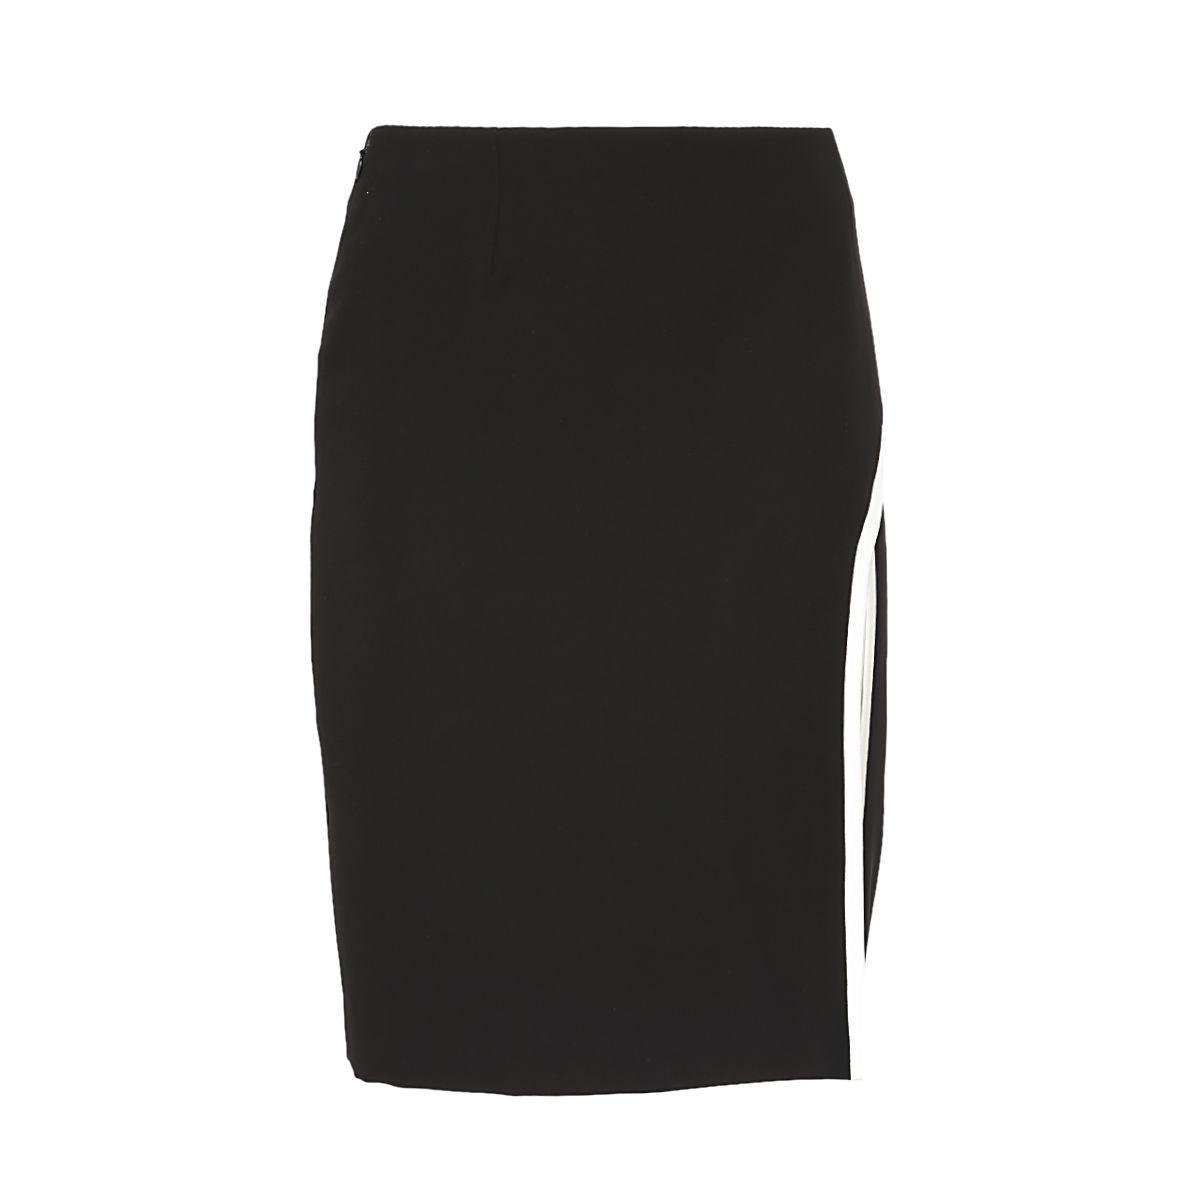 Lanvin Side Slit Skirt